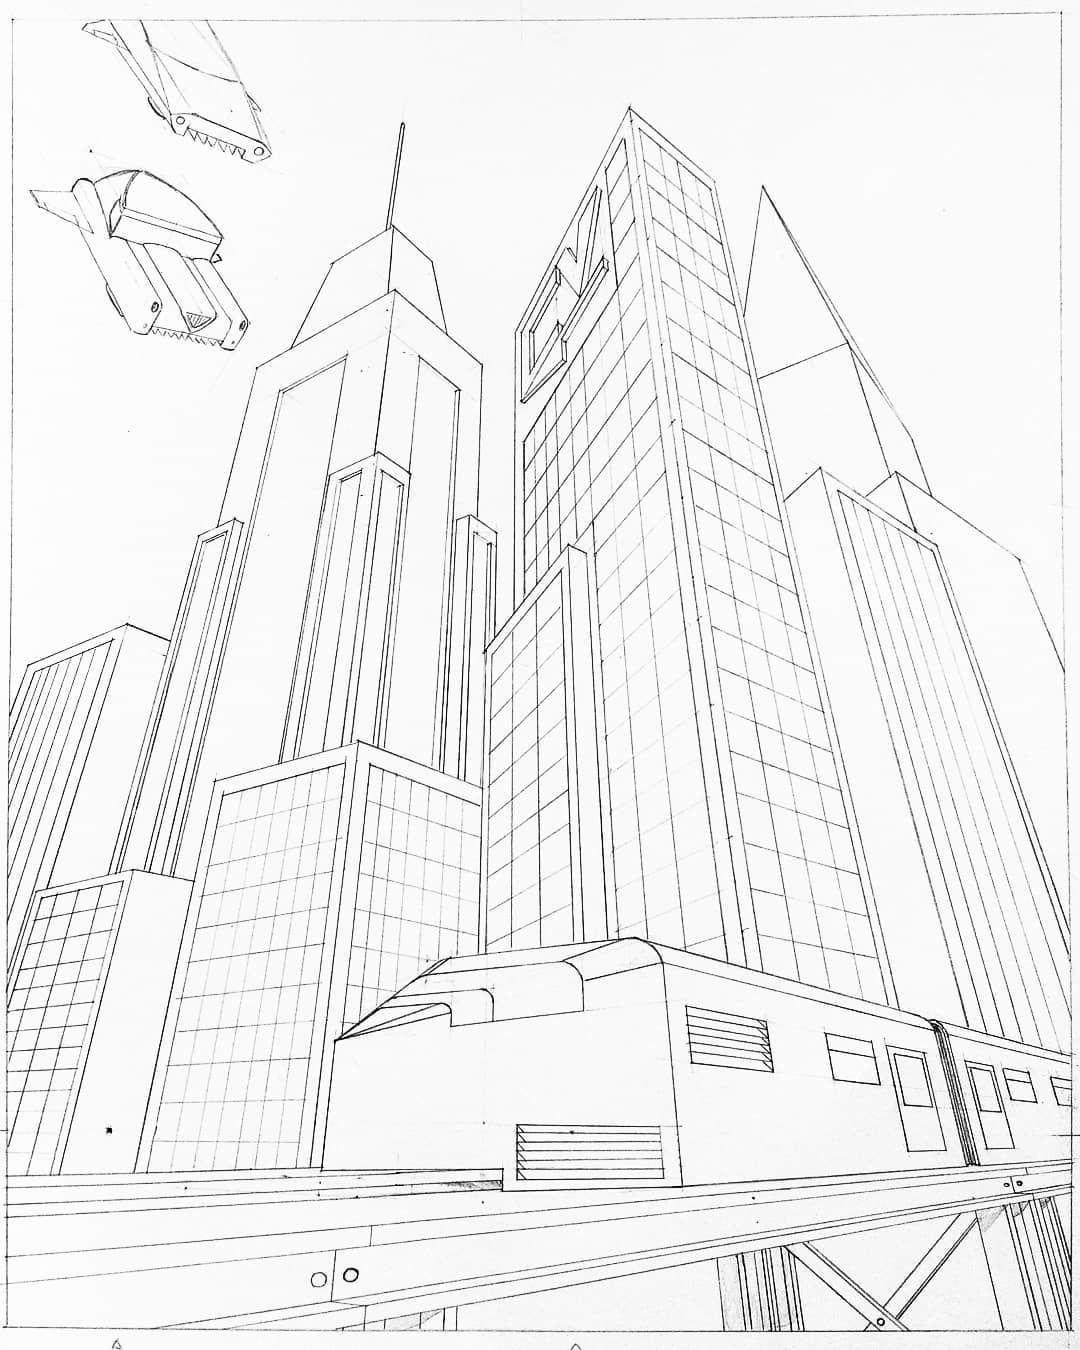 Some Random Futuristic City City Futuristiccity Flyingcar Train Futuristictrain Perspective Threepointperspe Futuristic City City Sketch Futuristic